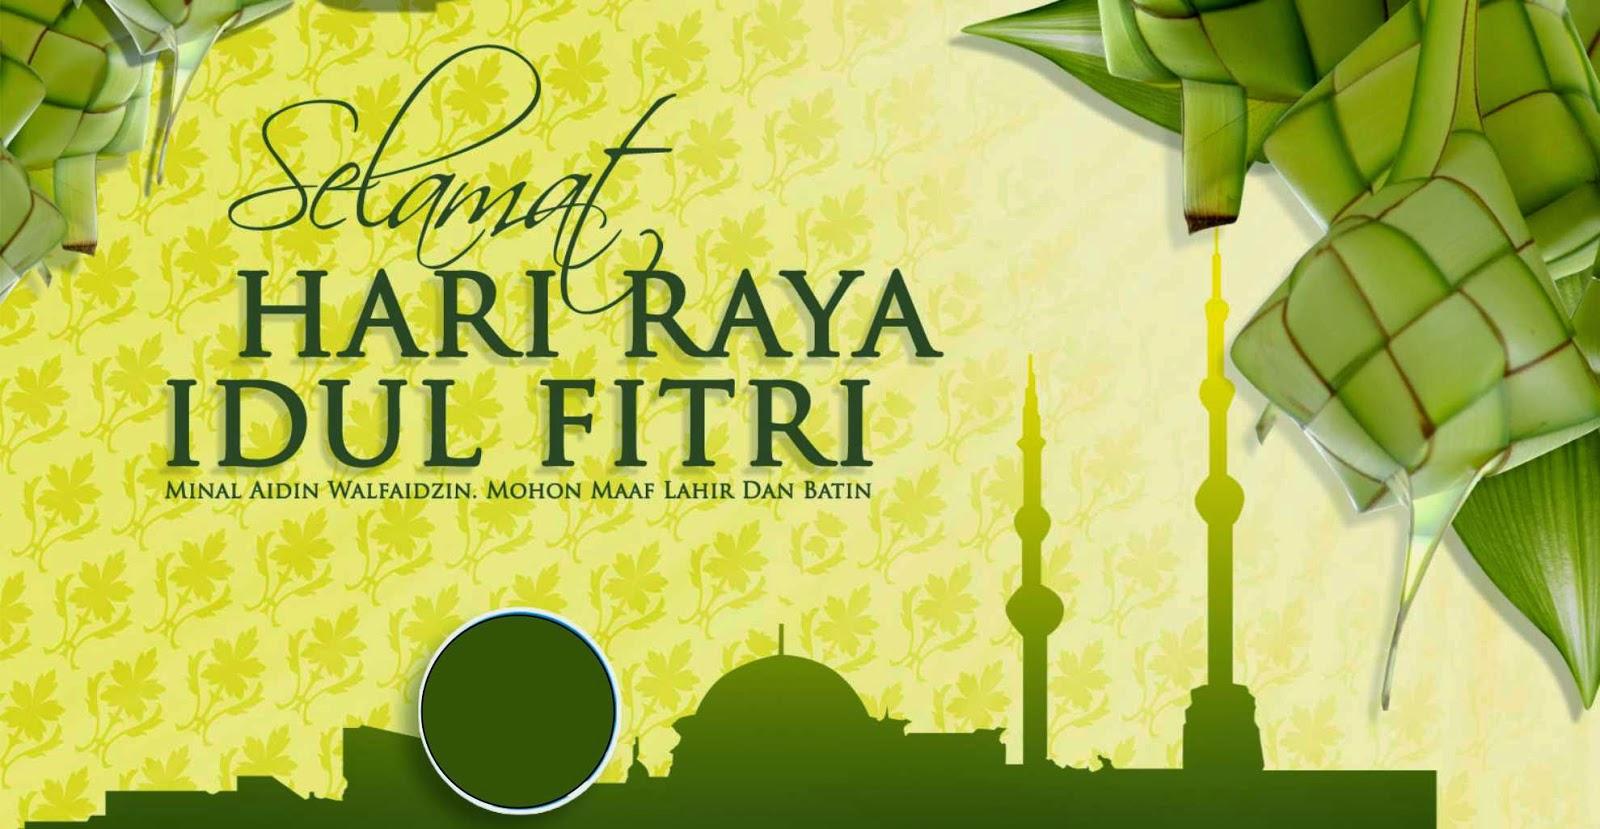 Kaligrafi Idul Fitri Gambar Islami